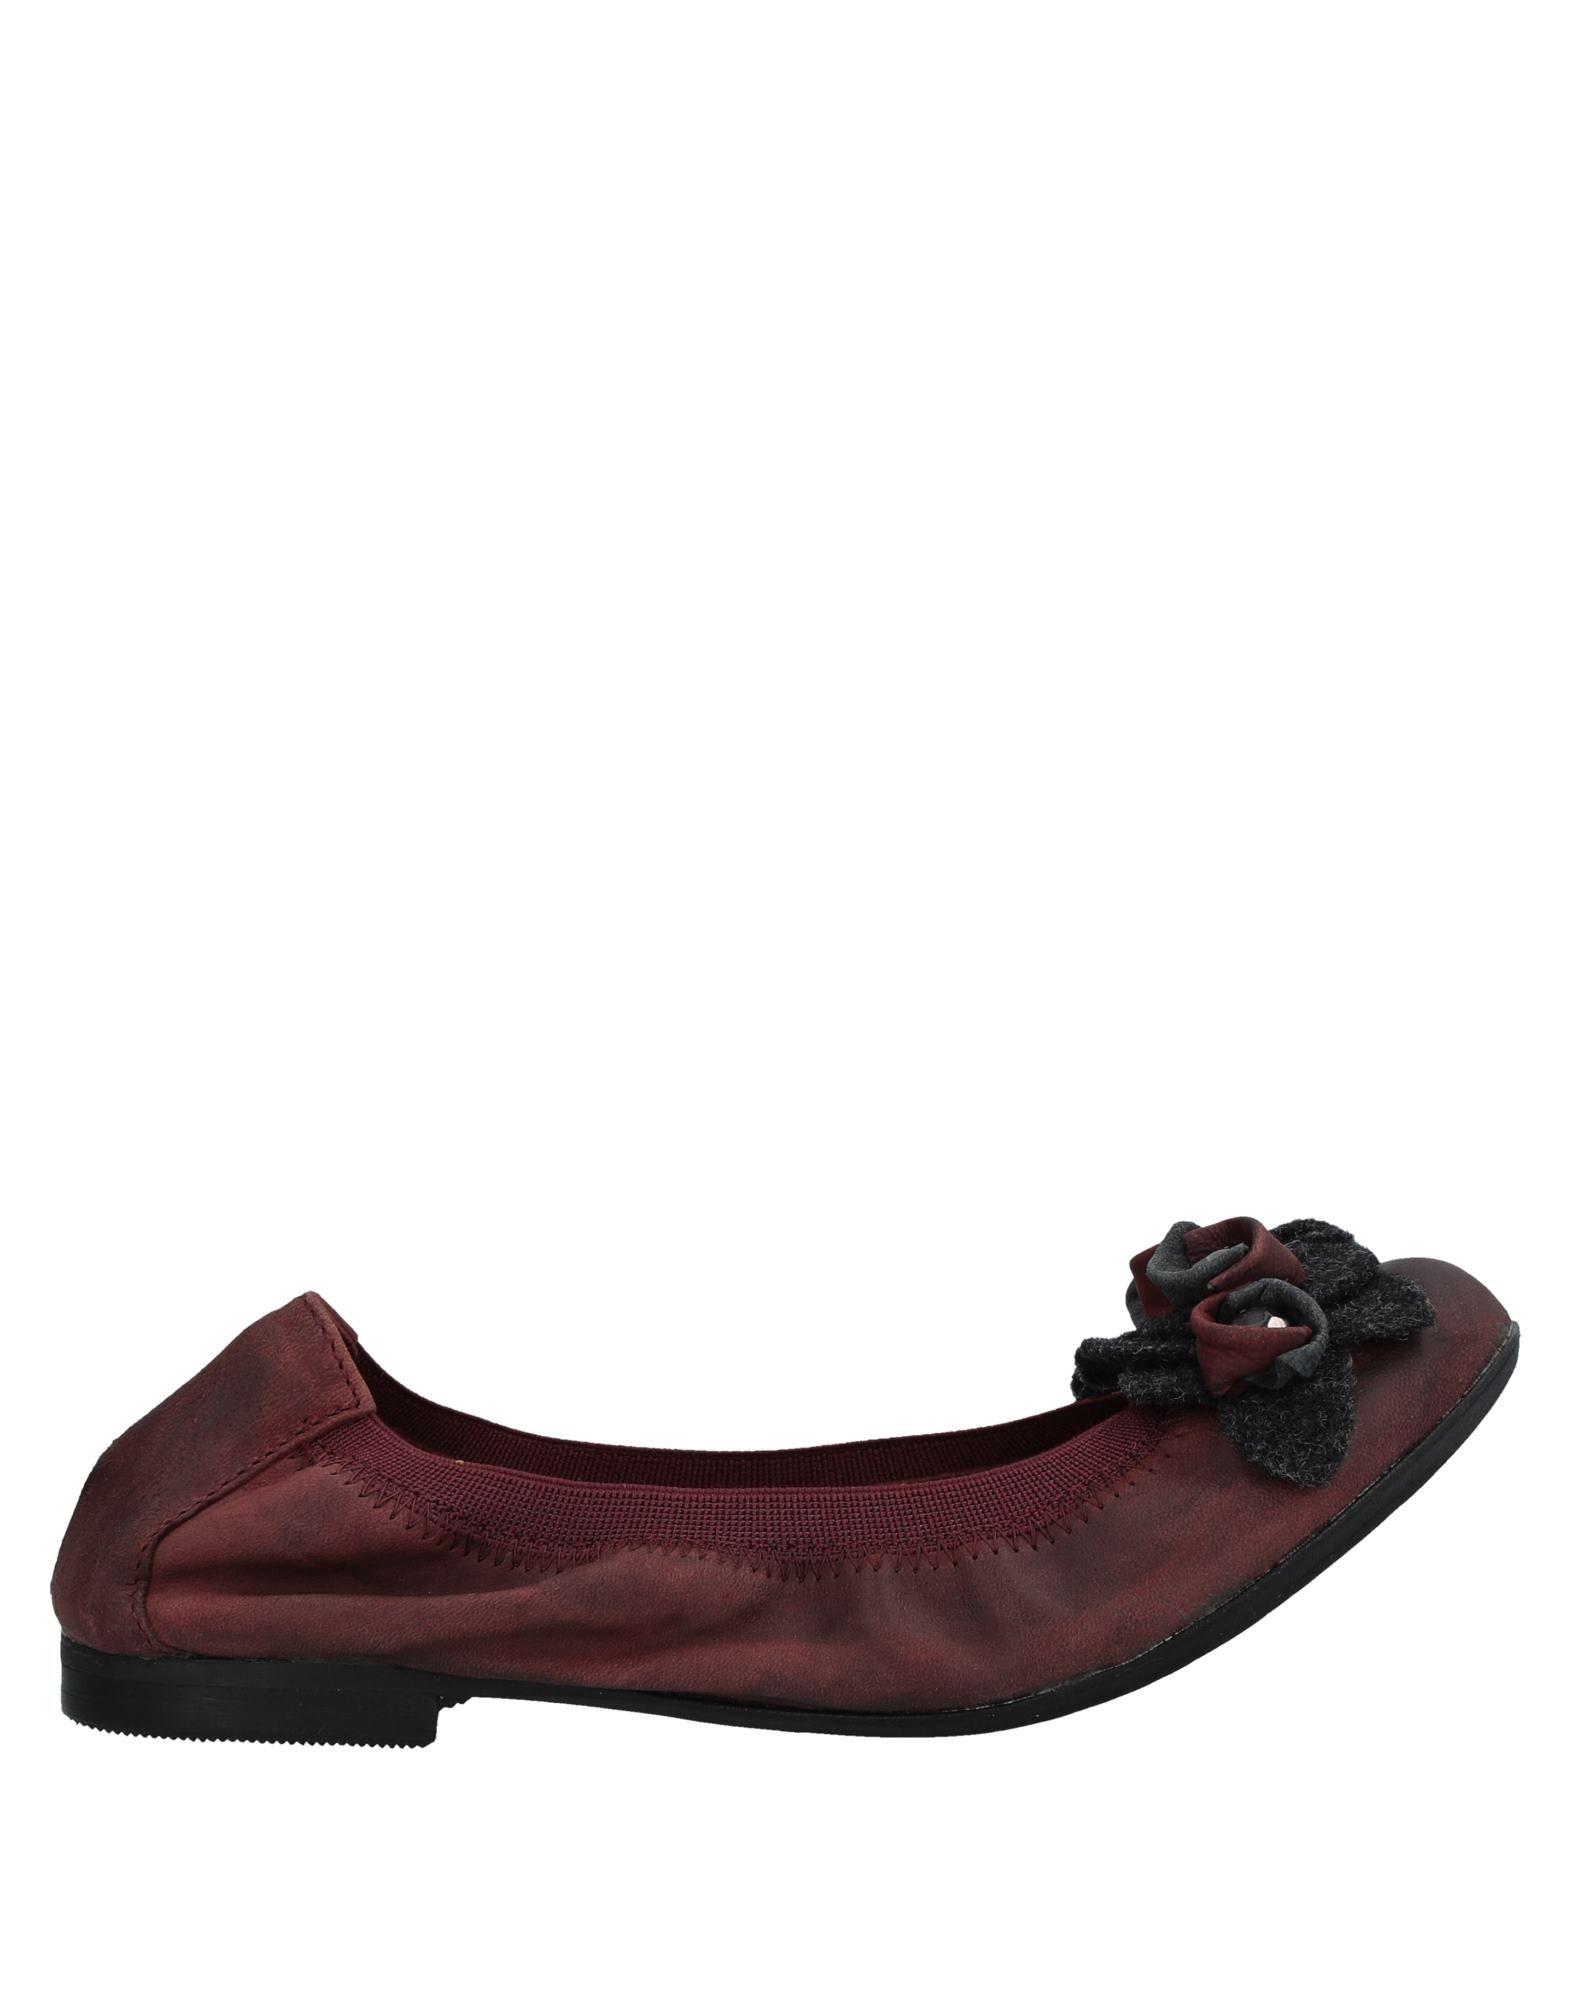 Clocharme Ballerinas Damen  beliebte 11535571IM Gute Qualität beliebte  Schuhe 842154